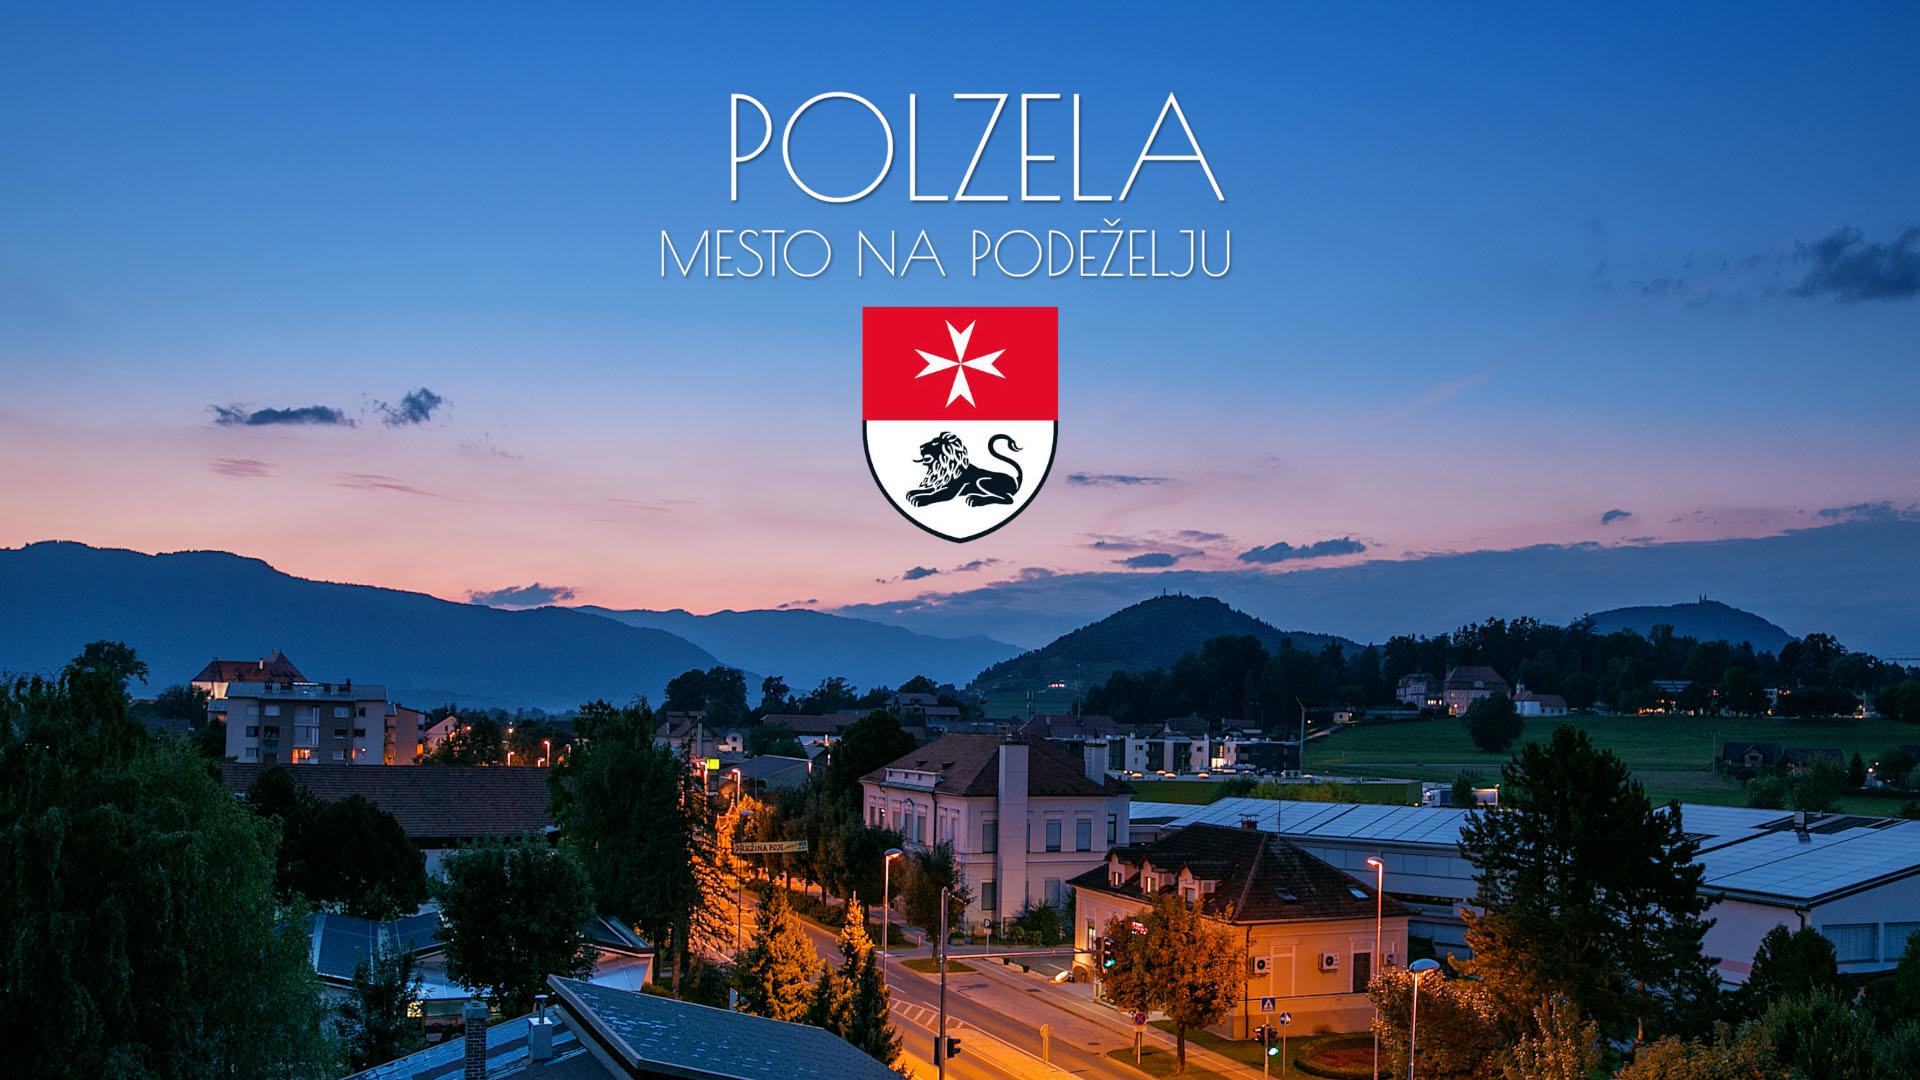 Promocijski film - Polzela, mesto na podeželju